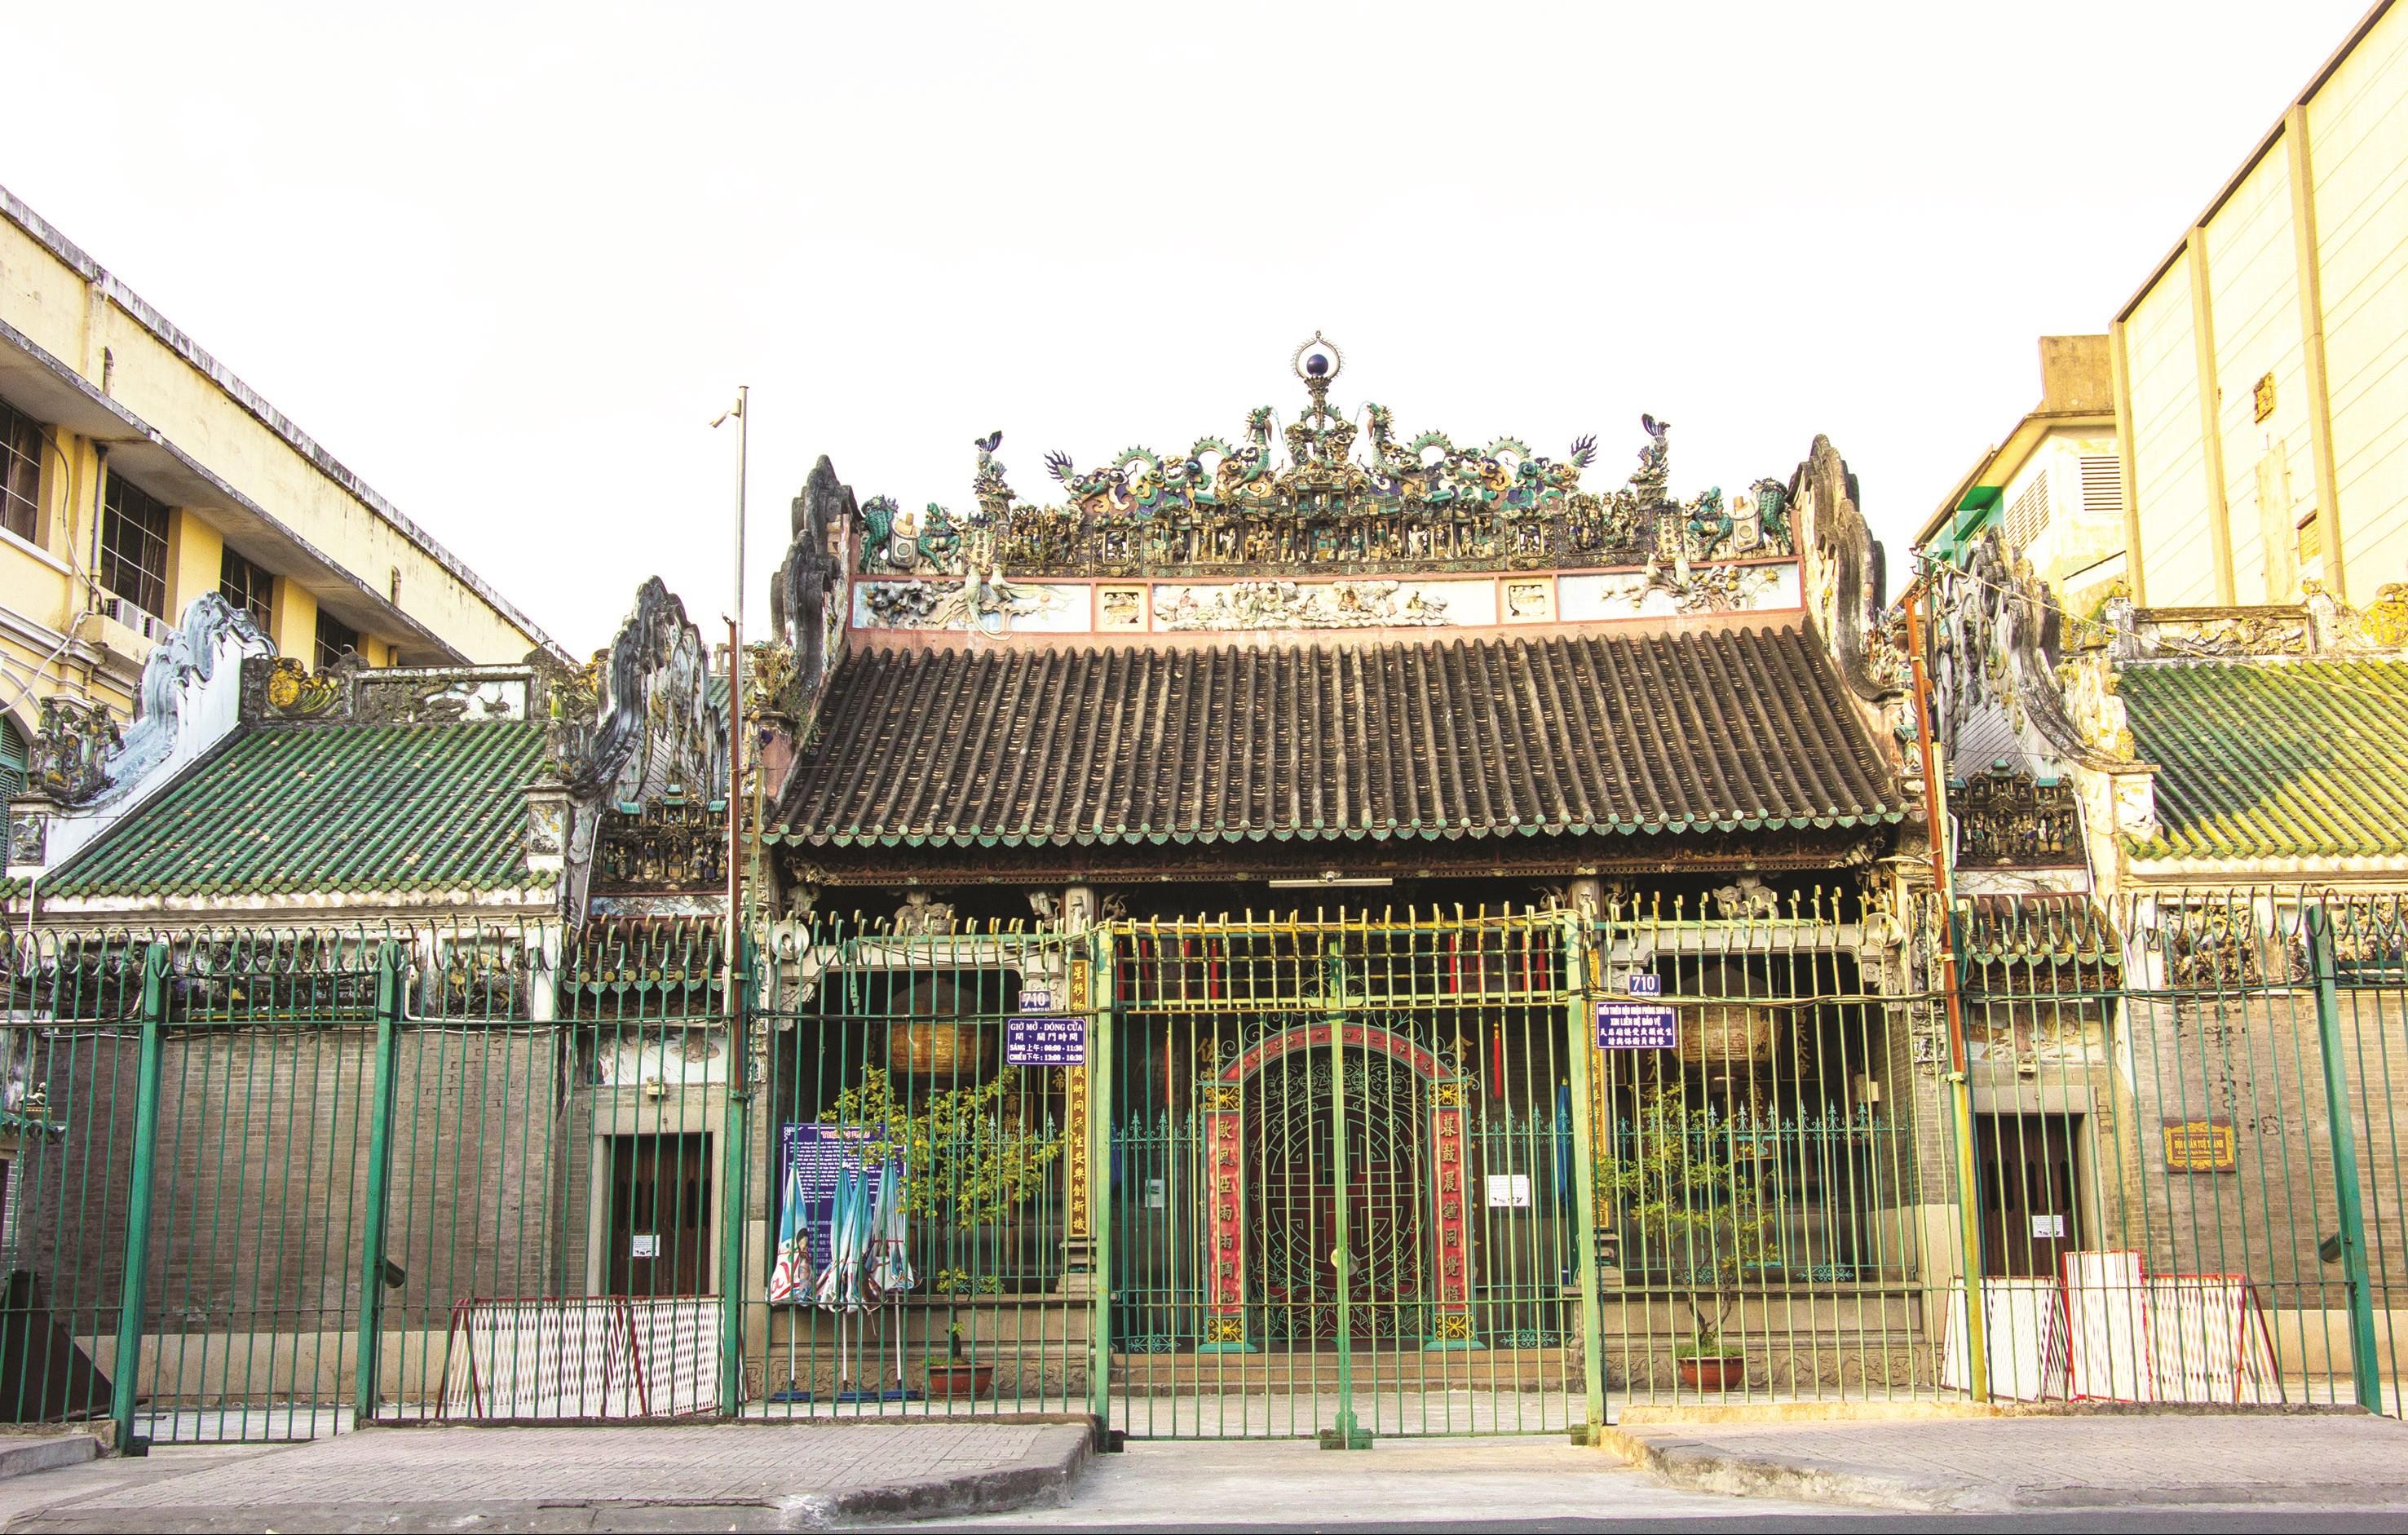 Hội quán Tuệ Thành, một Hội quán lâu đời trên đường Nguyễn Trãi, quận 5, TP. Hồ Chí Minh.